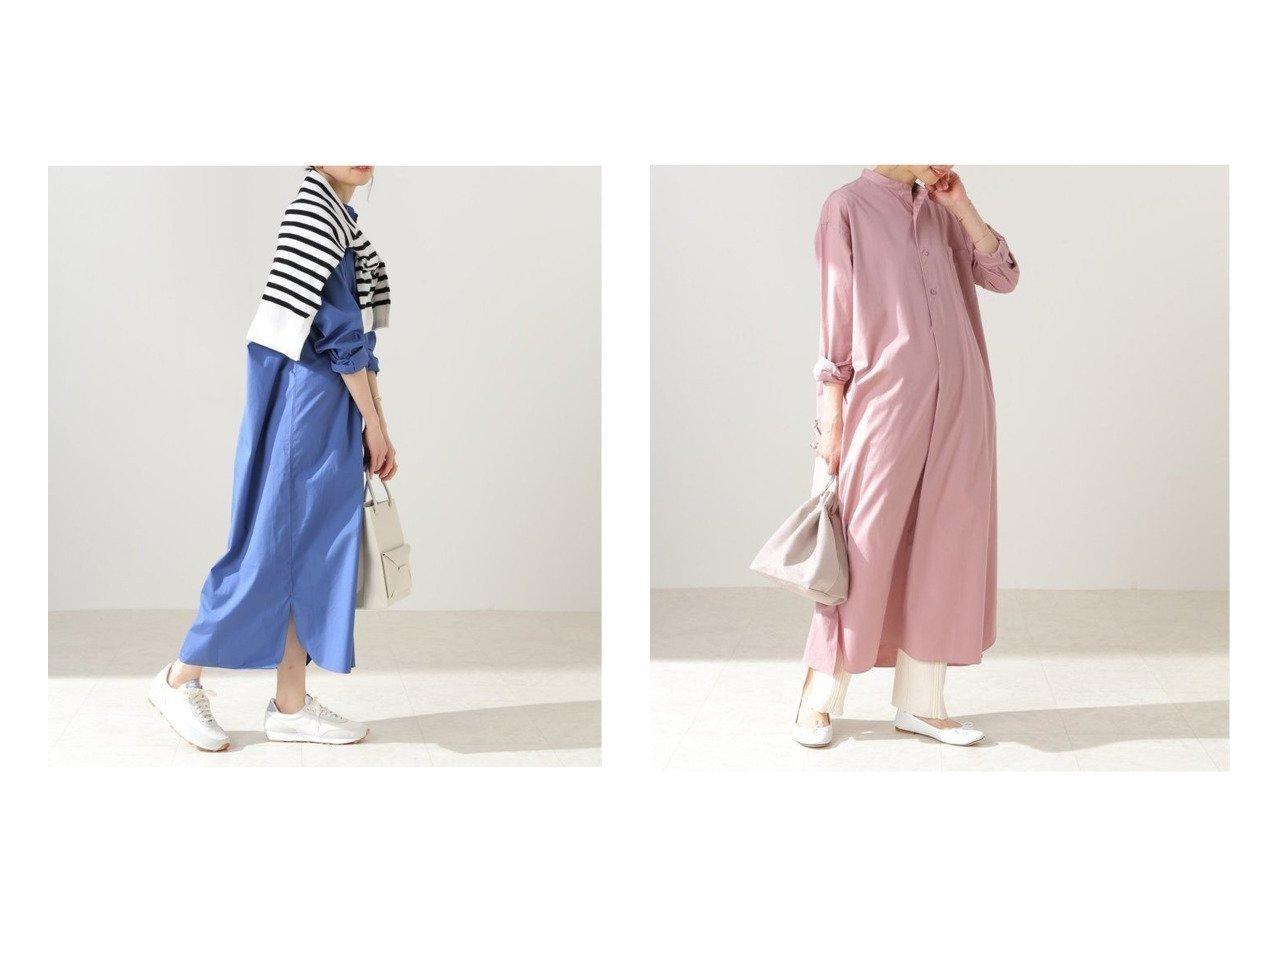 【SLOBE IENA/スローブ イエナ】の【 リノ】 BAND COLLER PULL DRESSワンピース IENAのおすすめ!人気、トレンド・レディースファッションの通販 おすすめで人気の流行・トレンド、ファッションの通販商品 メンズファッション・キッズファッション・インテリア・家具・レディースファッション・服の通販 founy(ファニー) https://founy.com/ ファッション Fashion レディースファッション WOMEN ワンピース Dress ドレス Party Dresses NEW・新作・新着・新入荷 New Arrivals 2021年 2021 2021 春夏 S/S SS Spring/Summer 2021 S/S 春夏 SS Spring/Summer |ID:crp329100000020391